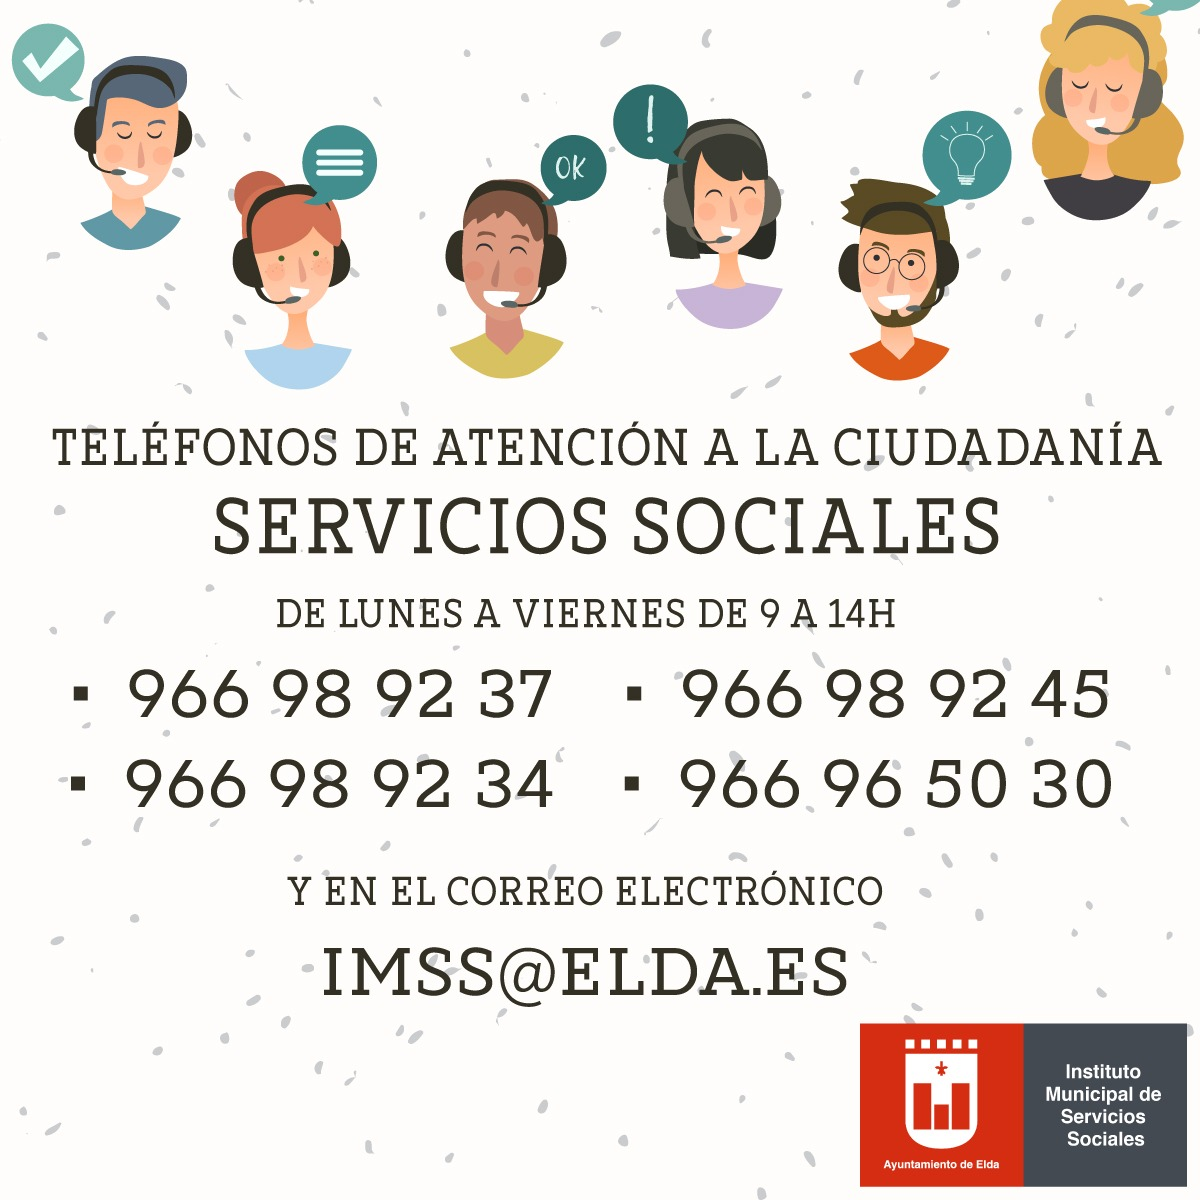 El Ayuntamiento de Elda se suma a la campaña para poner en valor el trabajo de los servicios sociales